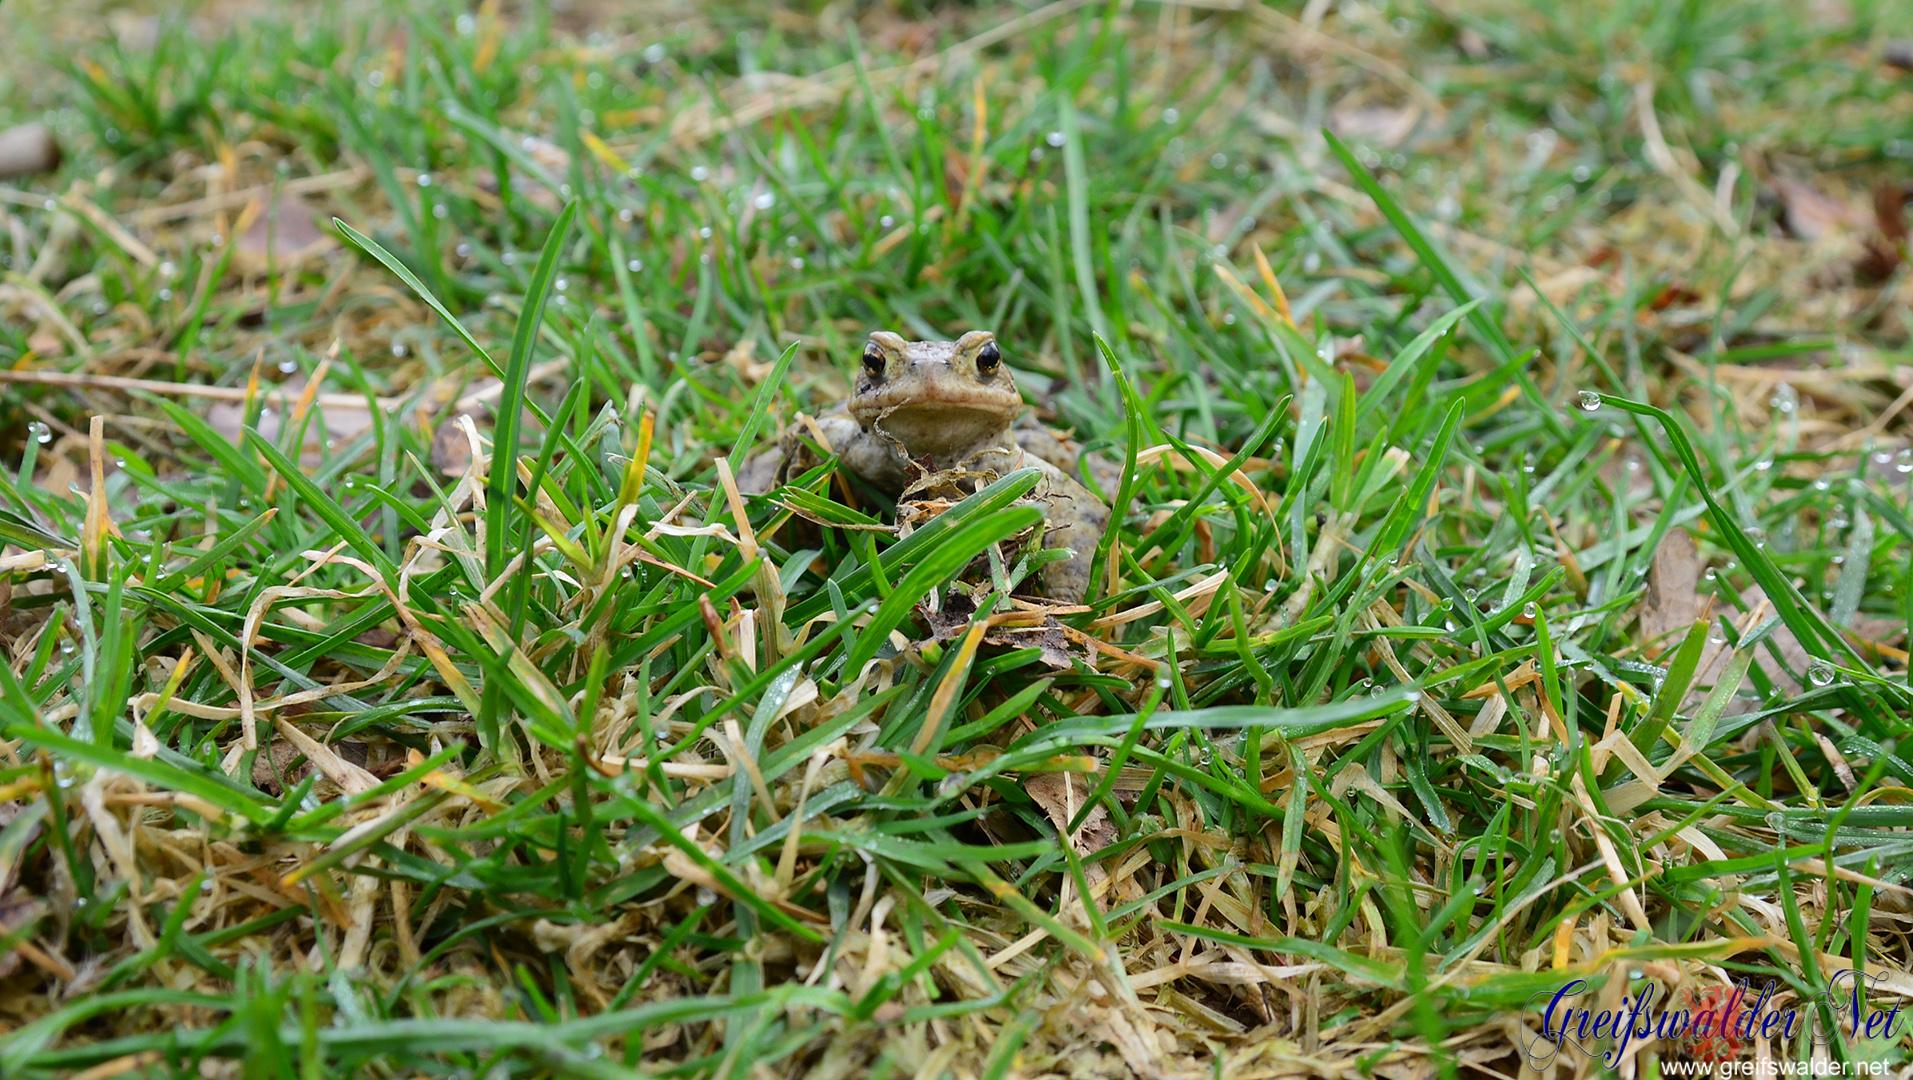 Kröte im Gras